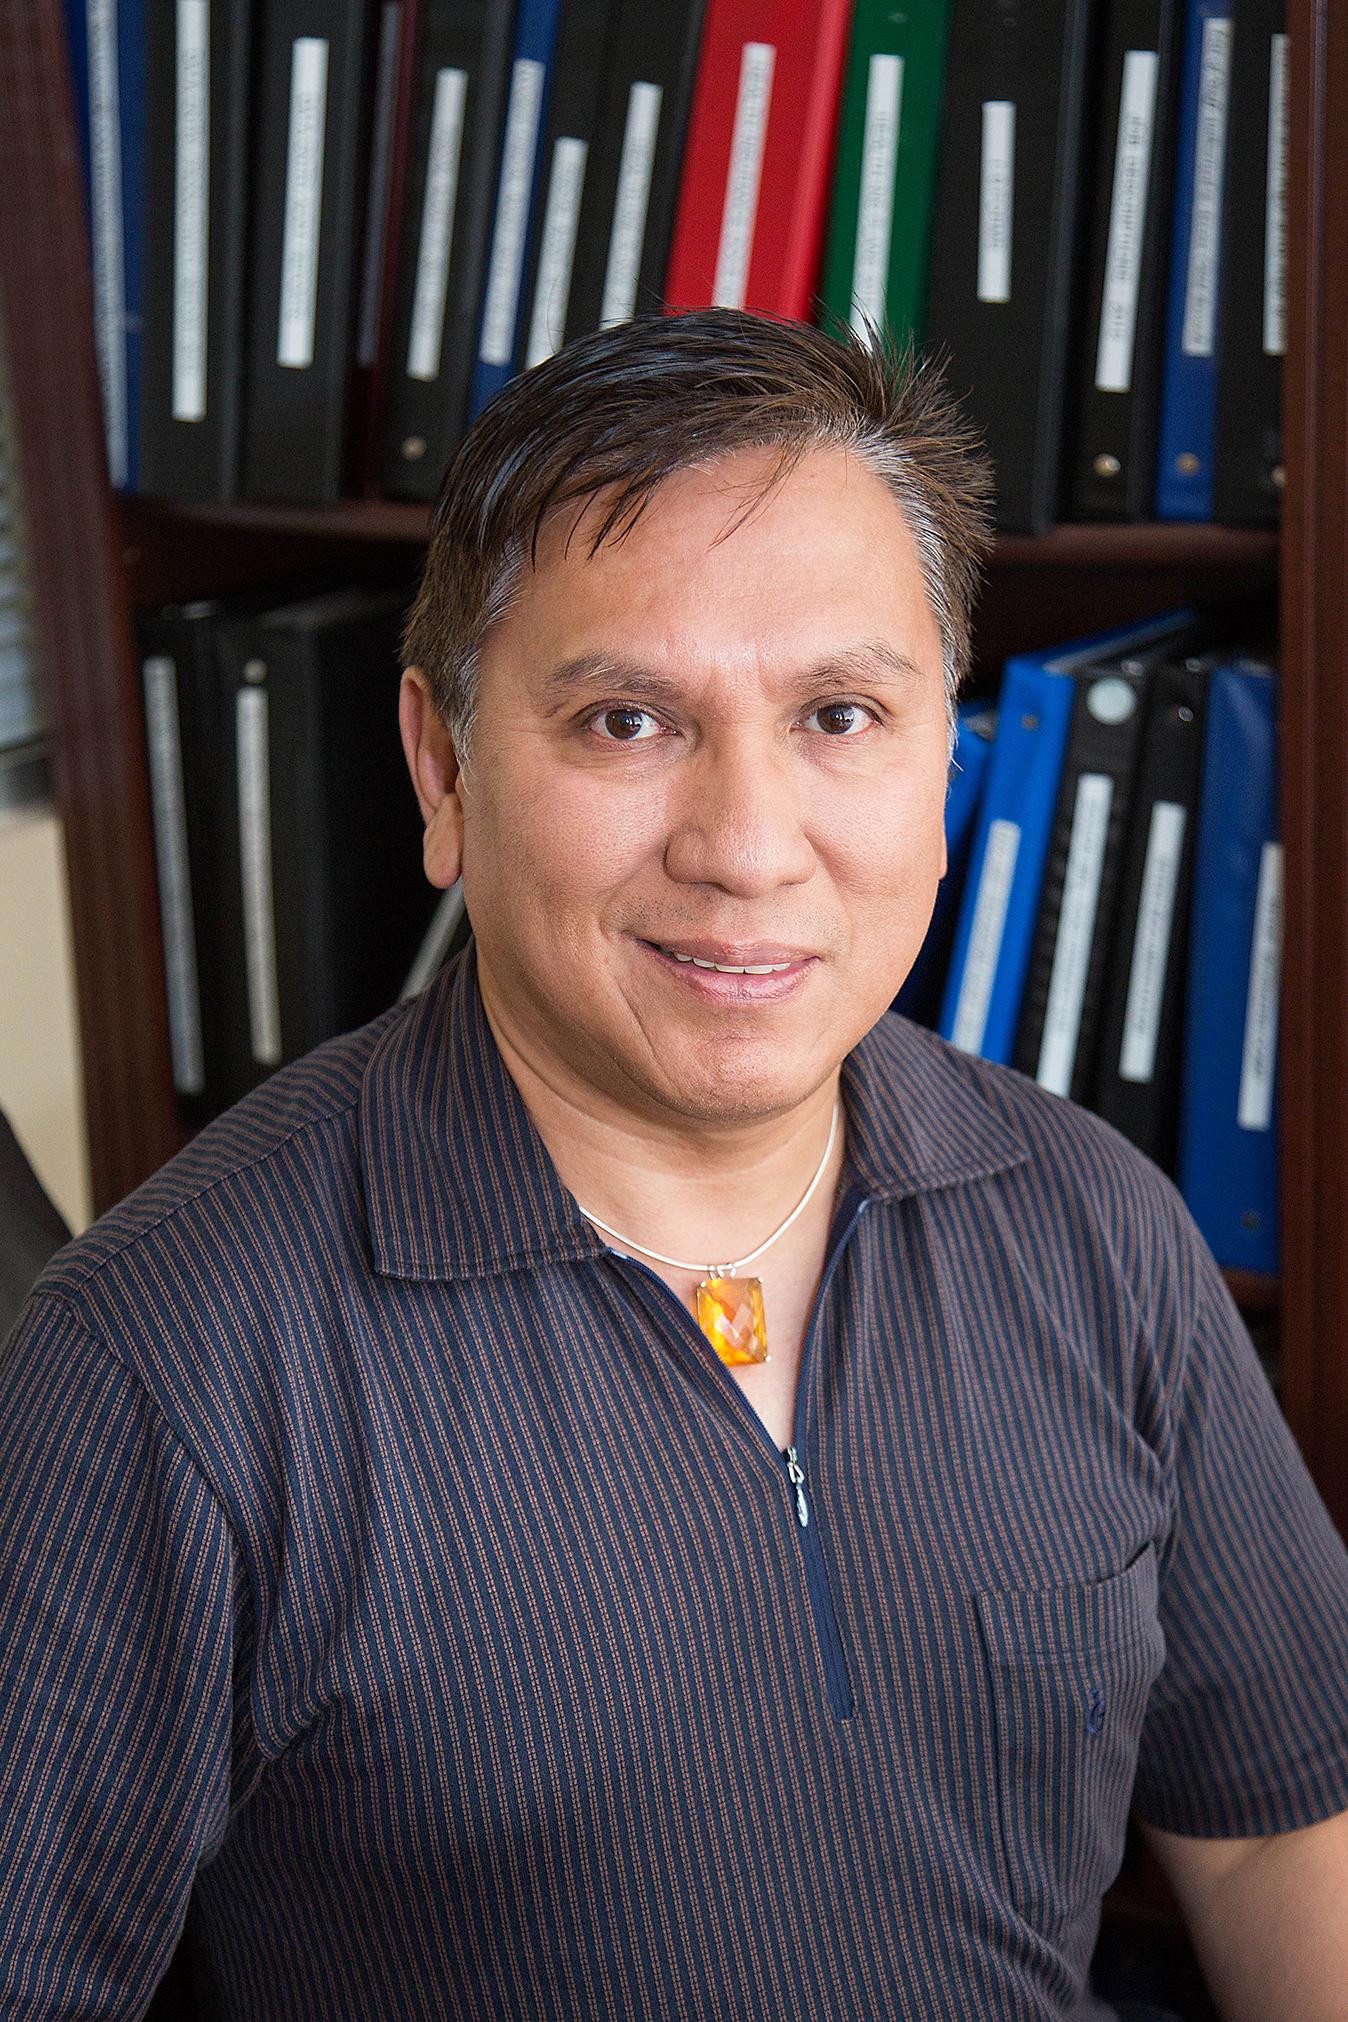 Alex L. Esteban, B.A